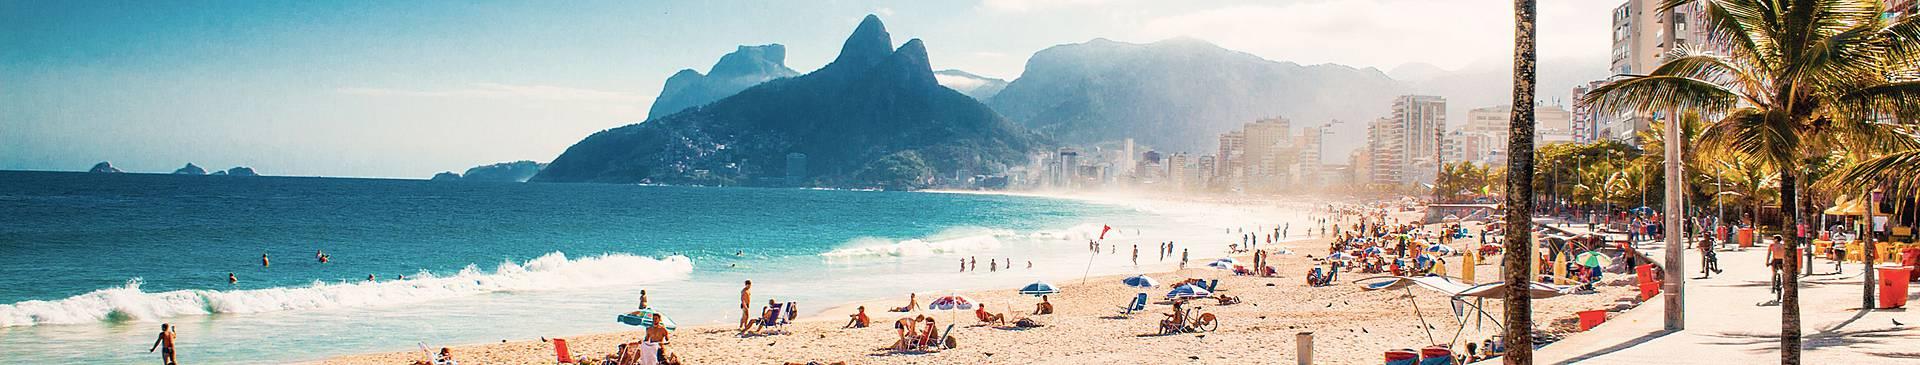 Viaggi al mare in Brasile